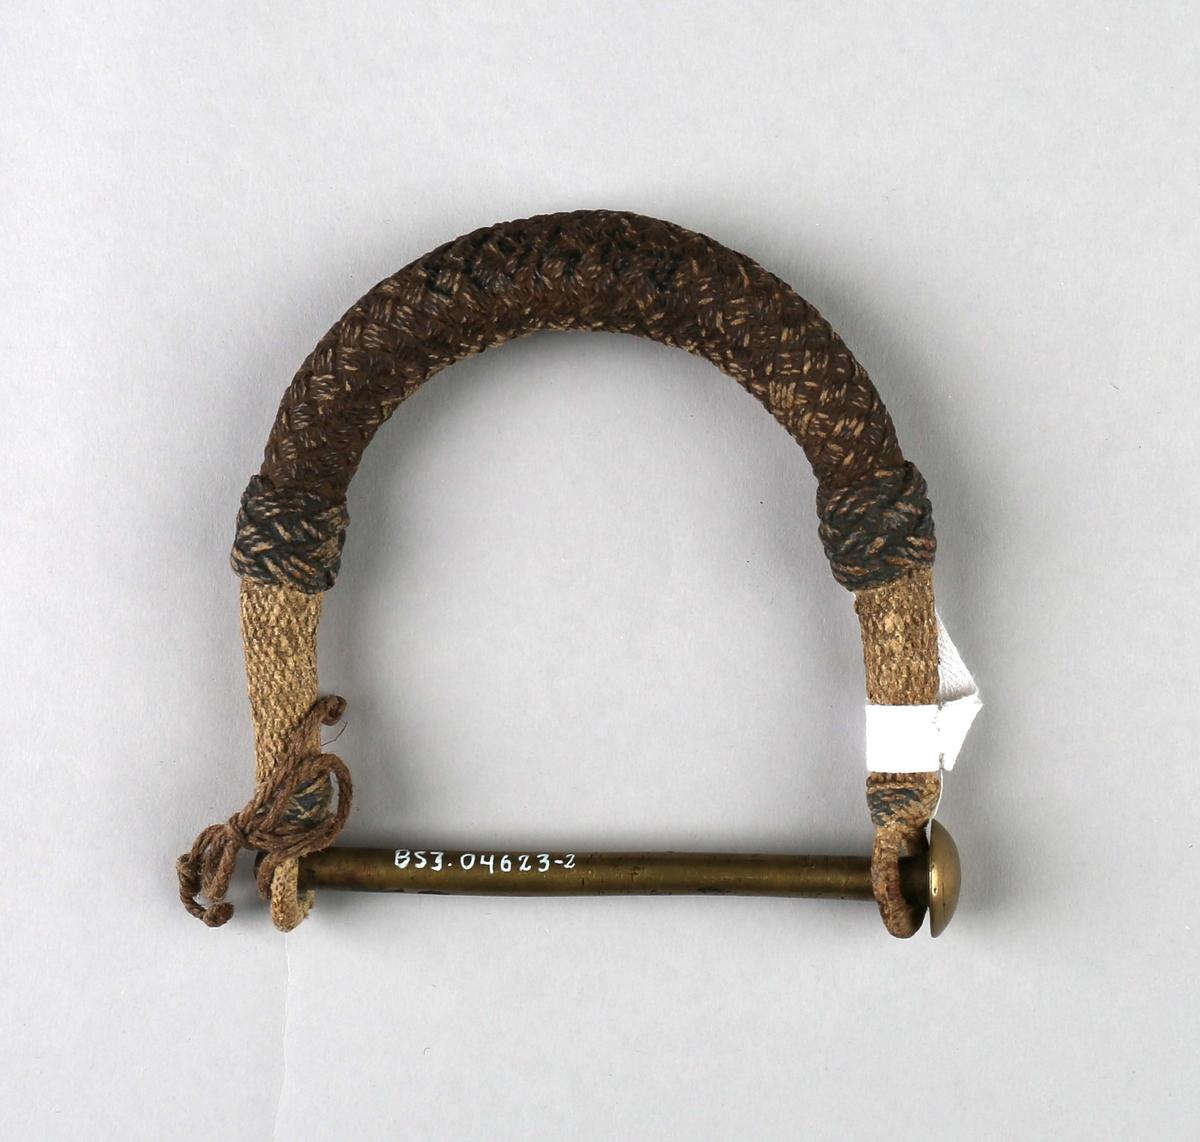 Sekkelås. Flettet håndtak med låsepinne til bruk på skipssekk. Hengelås mangler.